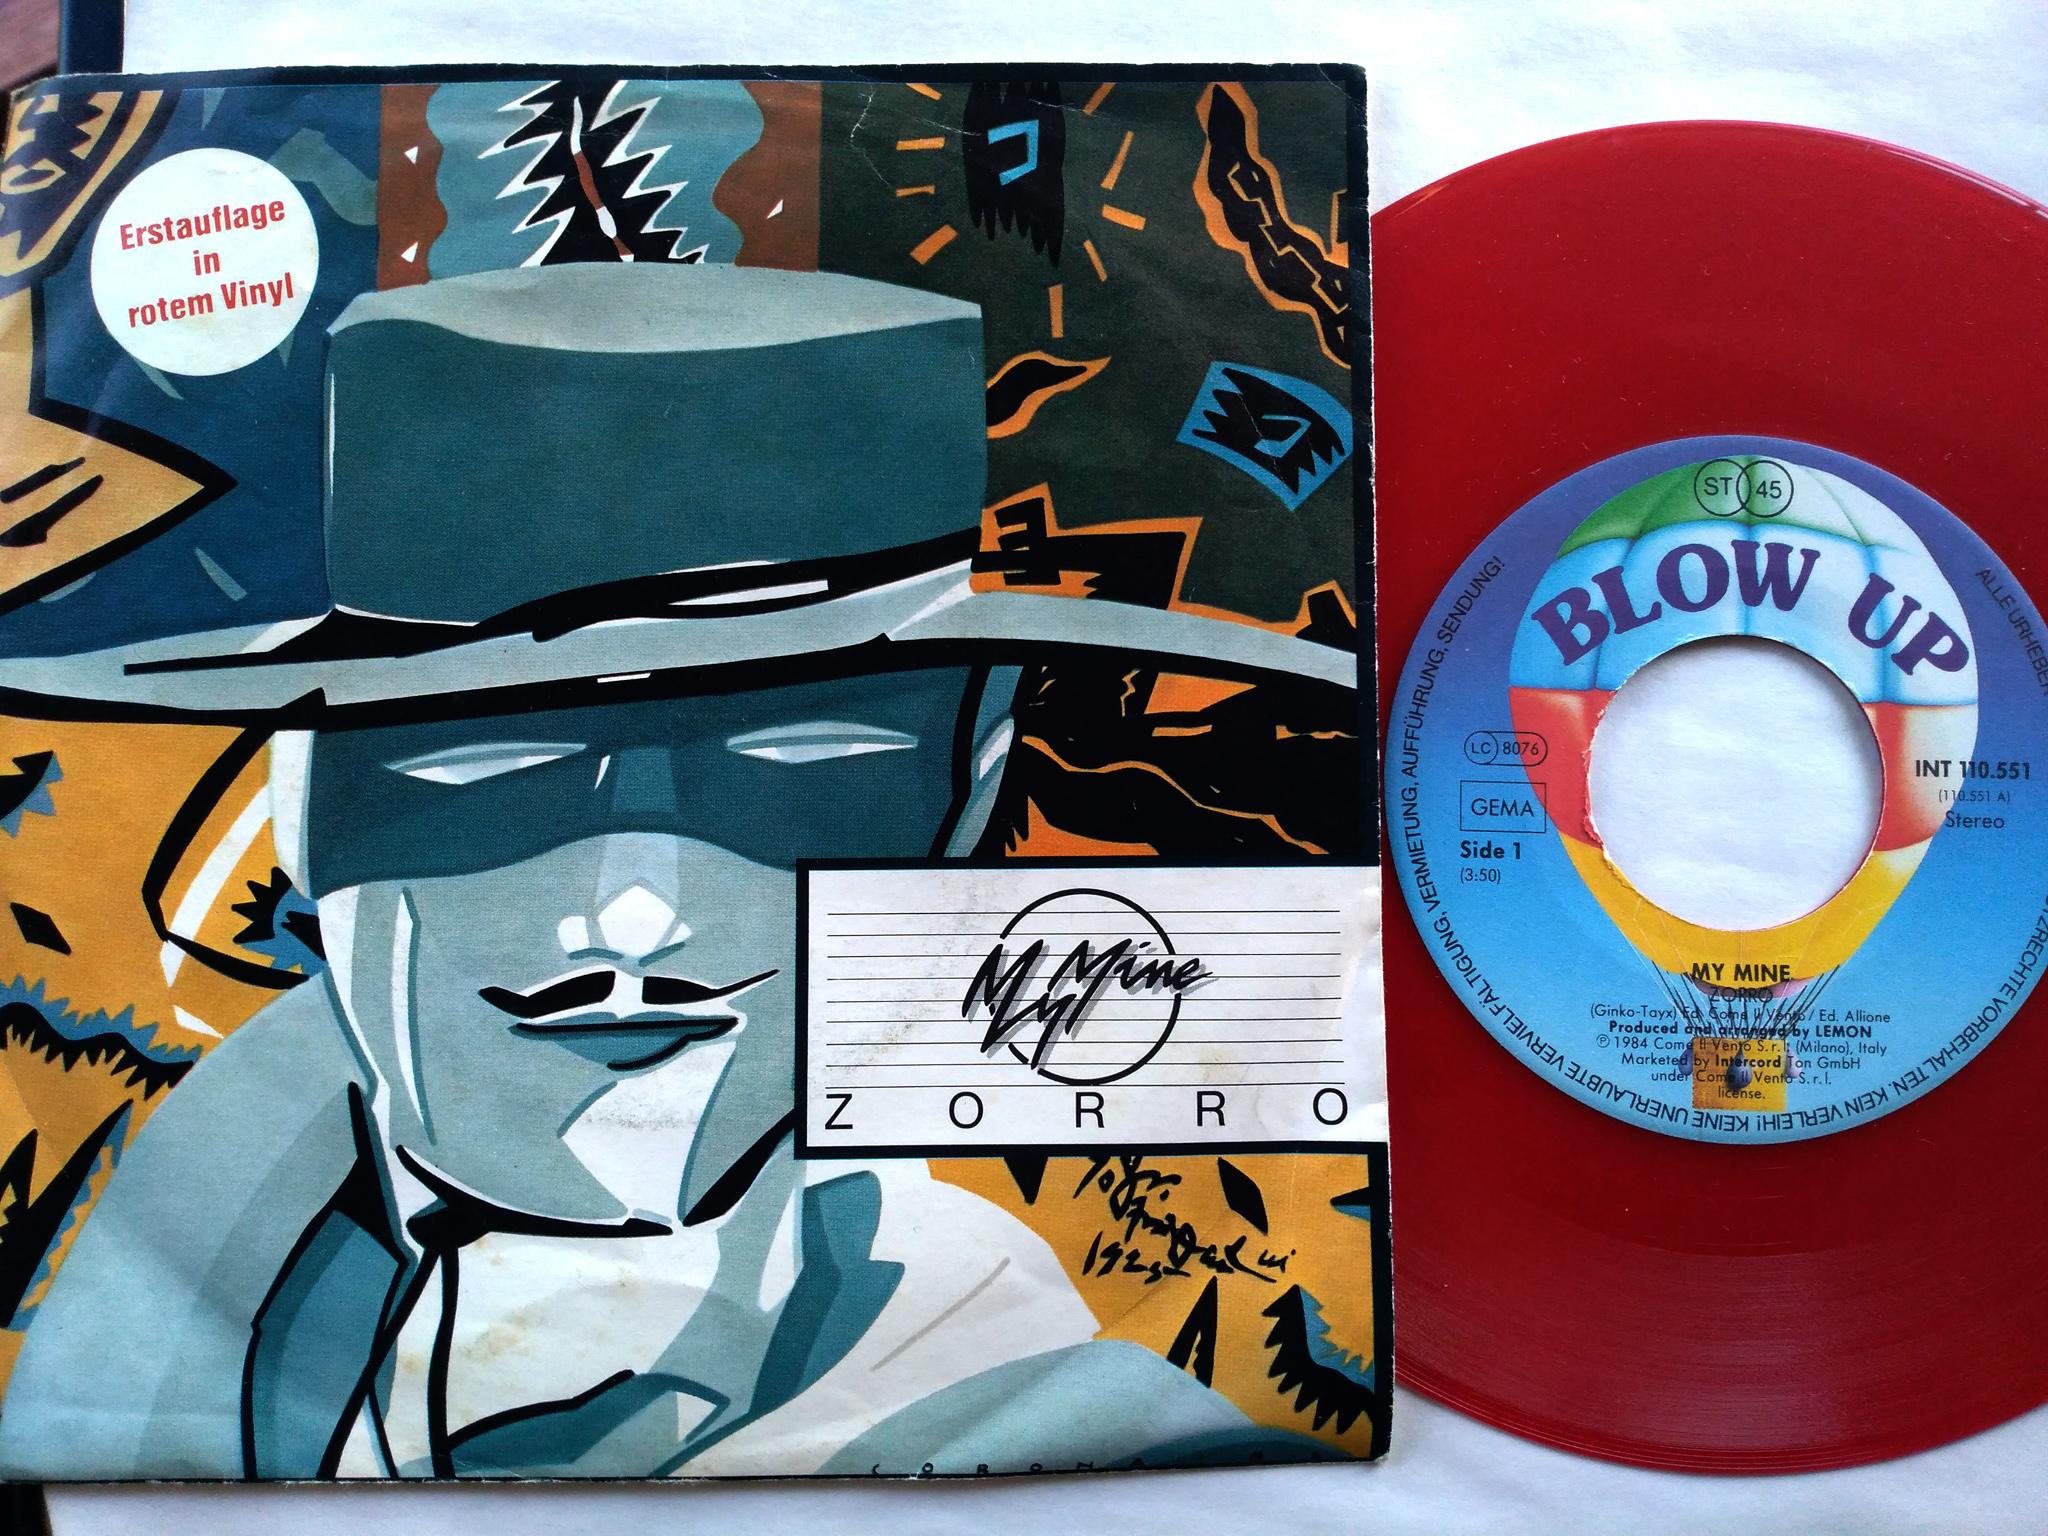 My Mine - Zorro 7'